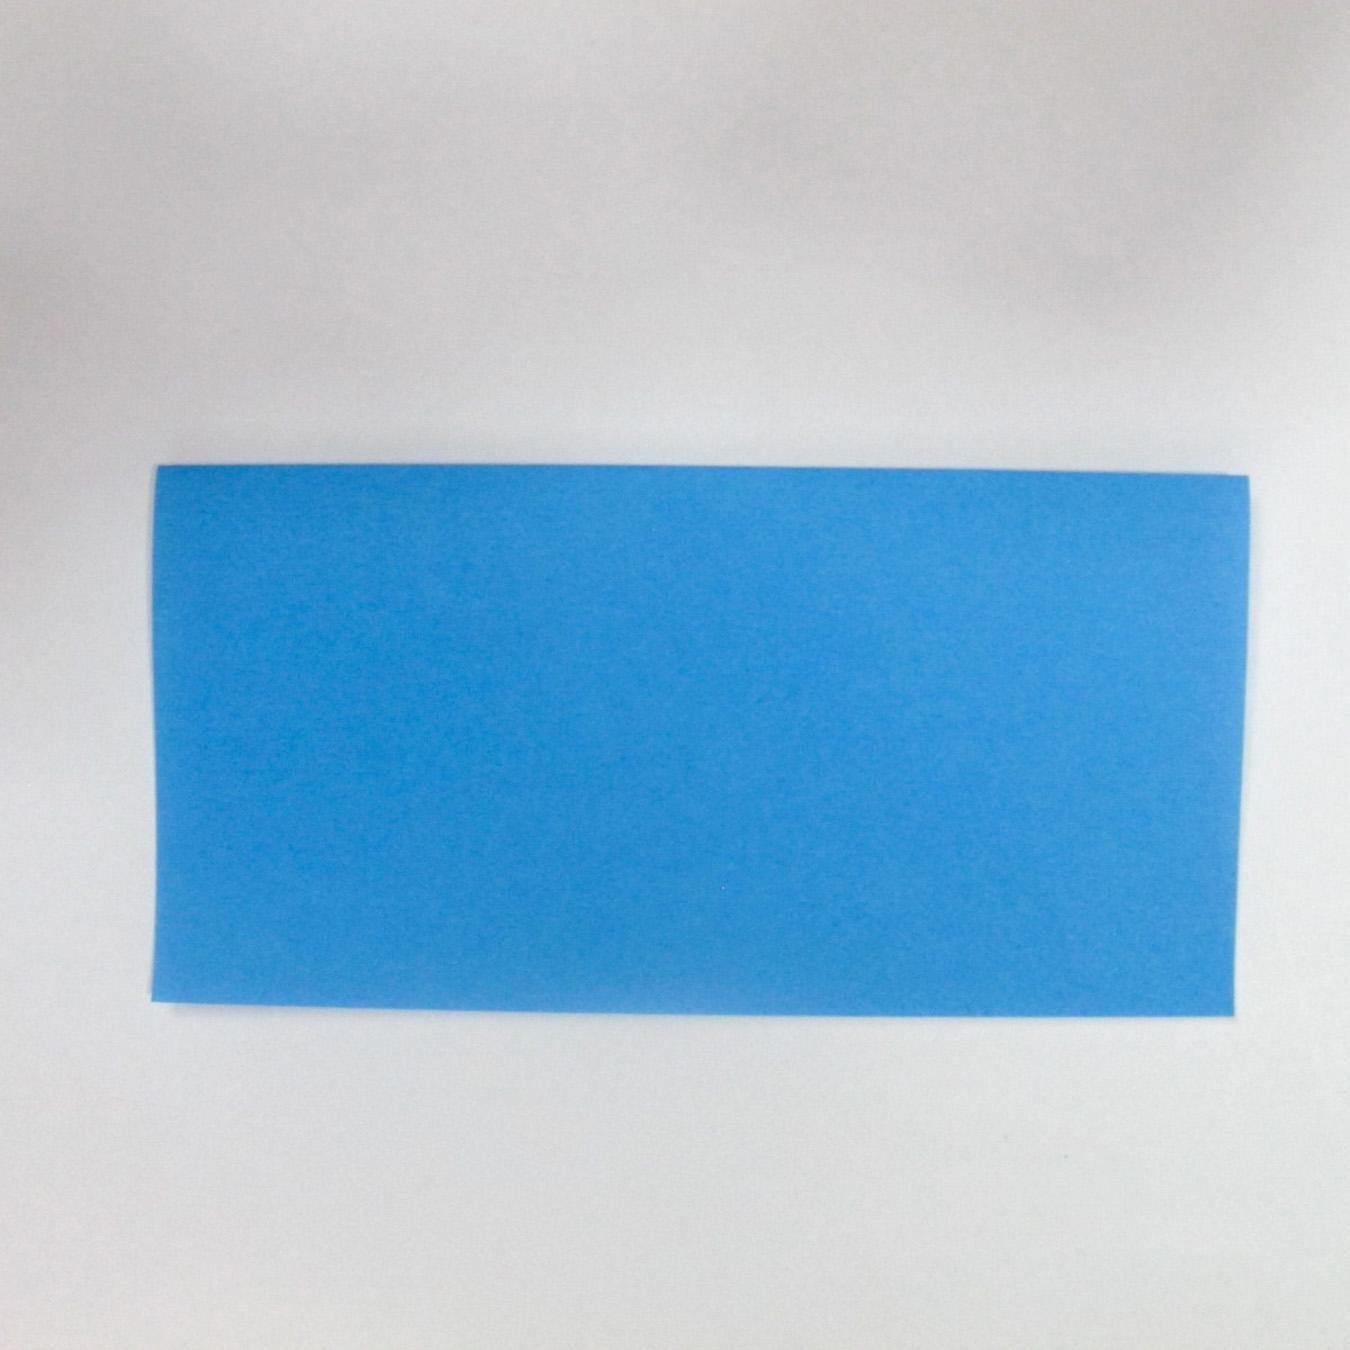 วิธีการตัดกระดาษเป็นห้าเหลี่ยมจากกระดาษสี่เหลี่ยมจตุรัส 013